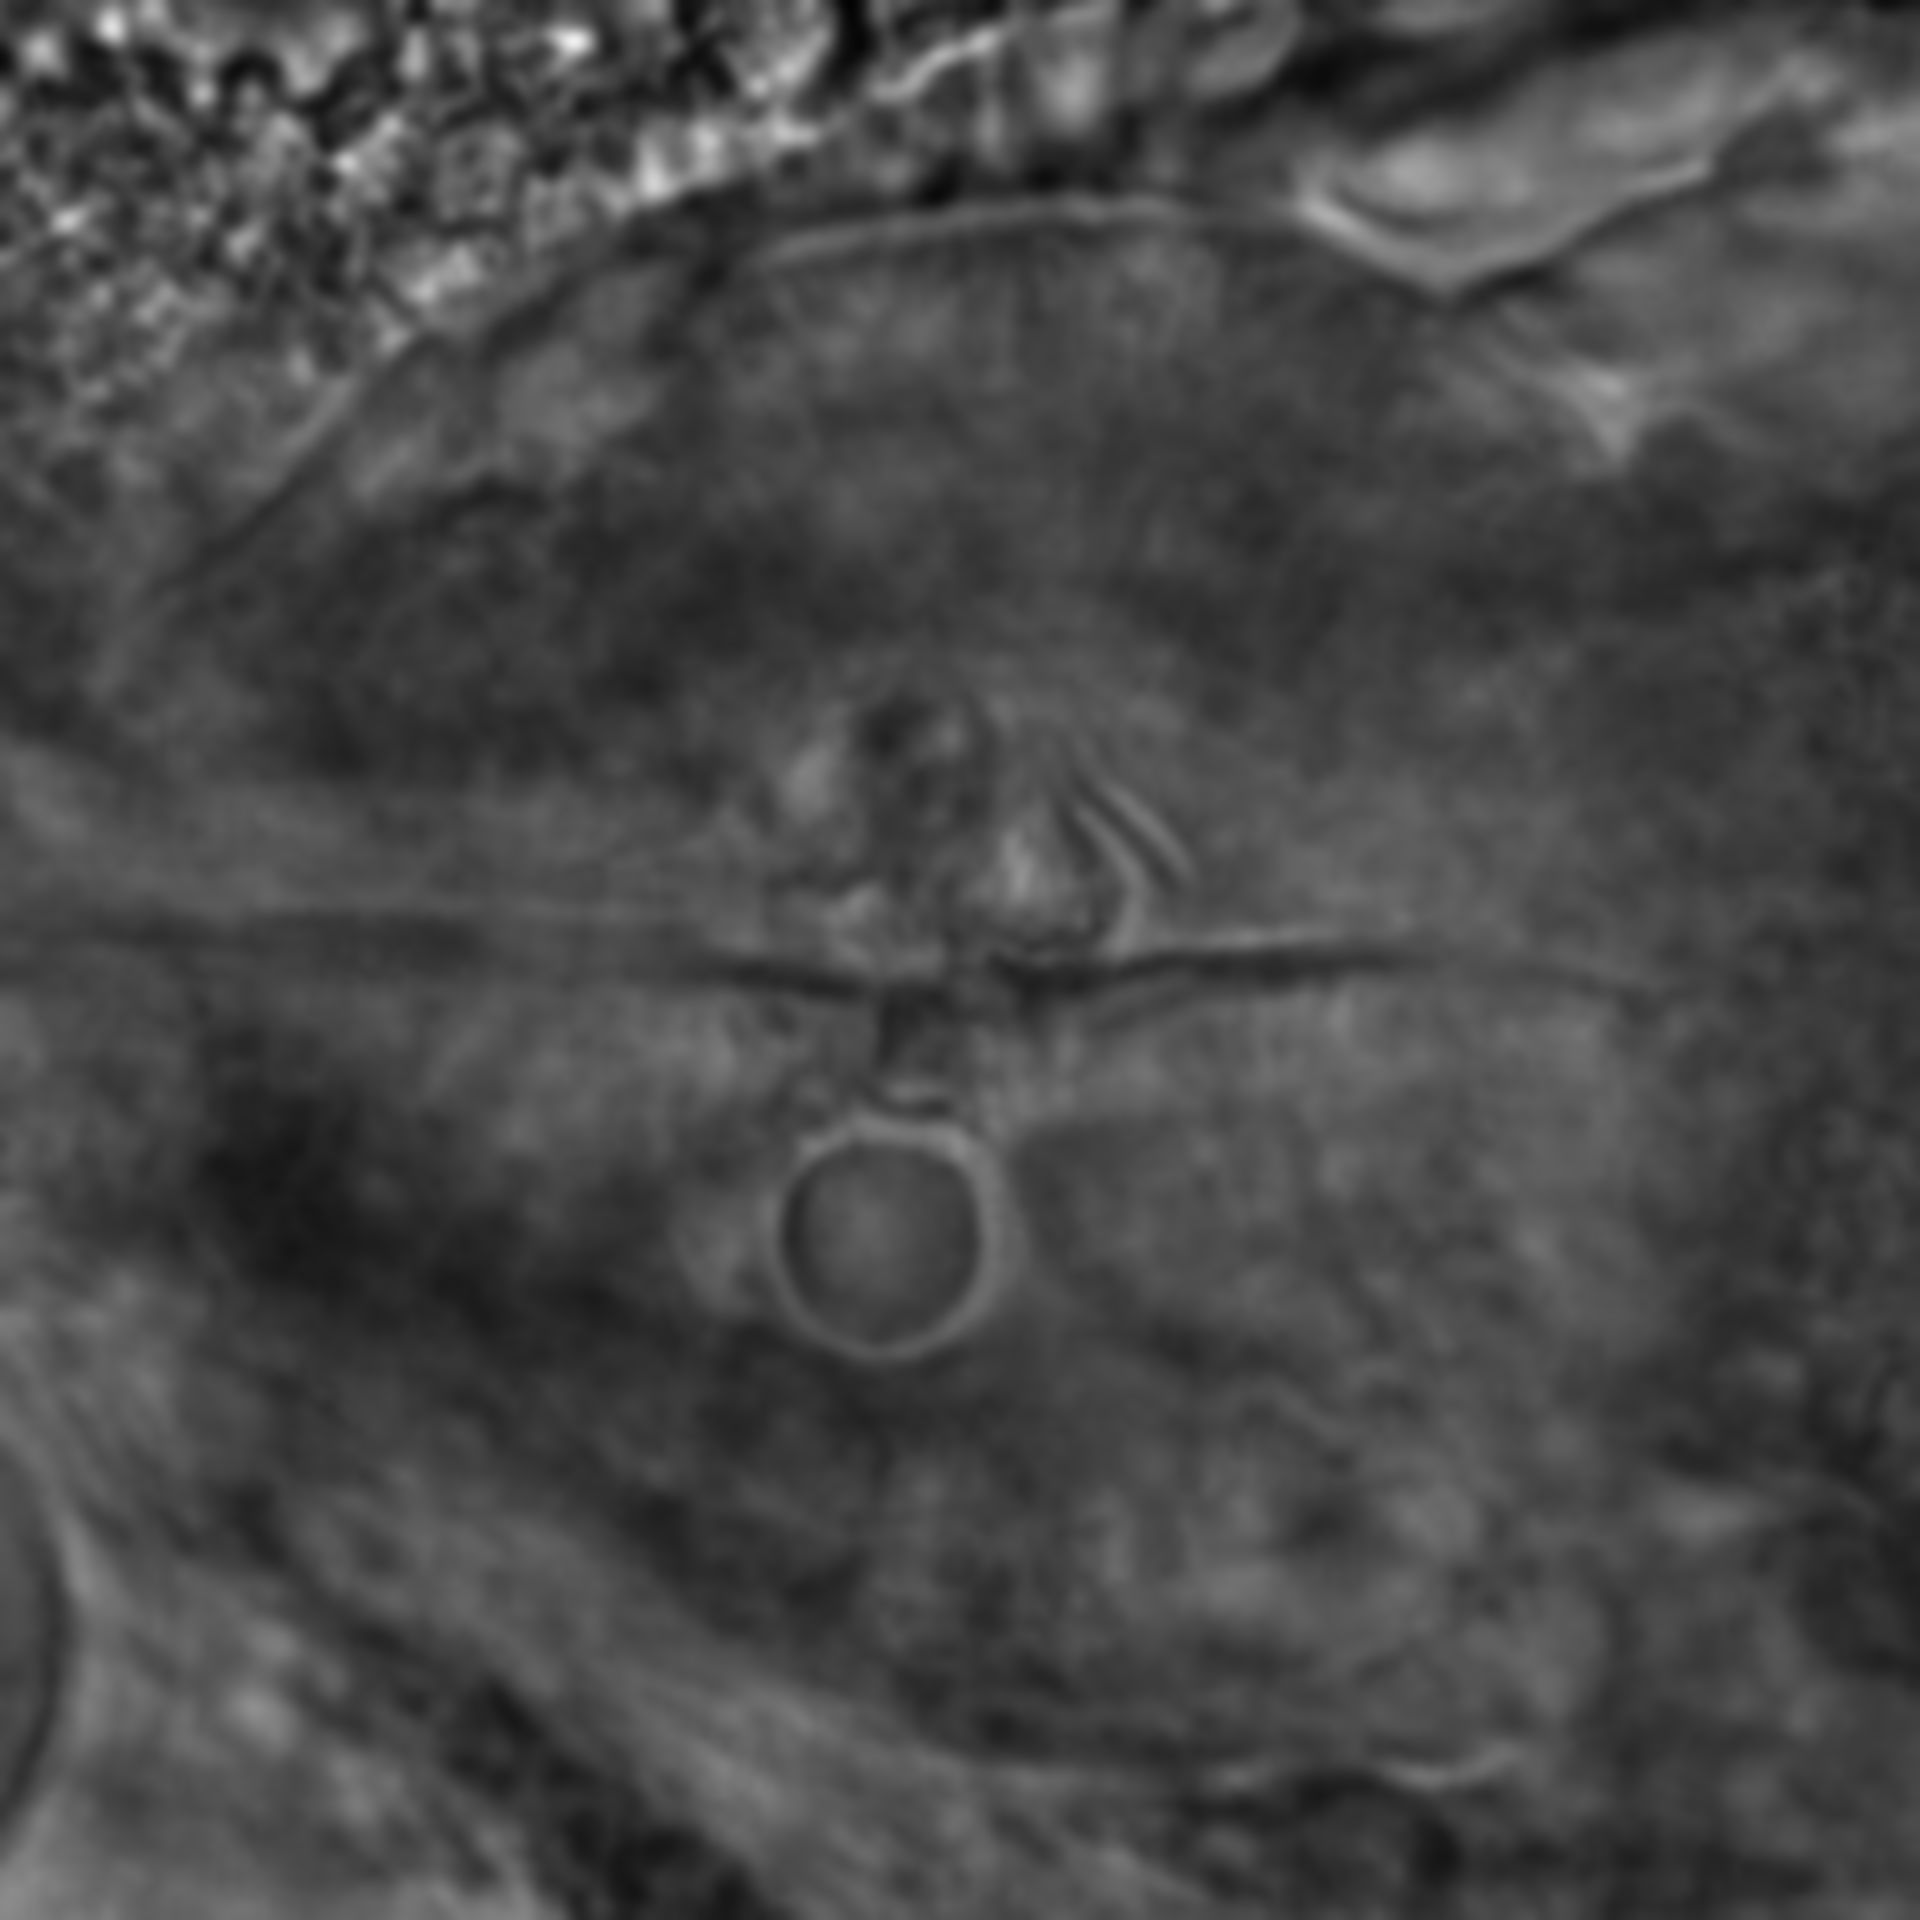 Caenorhabditis elegans - CIL:2257